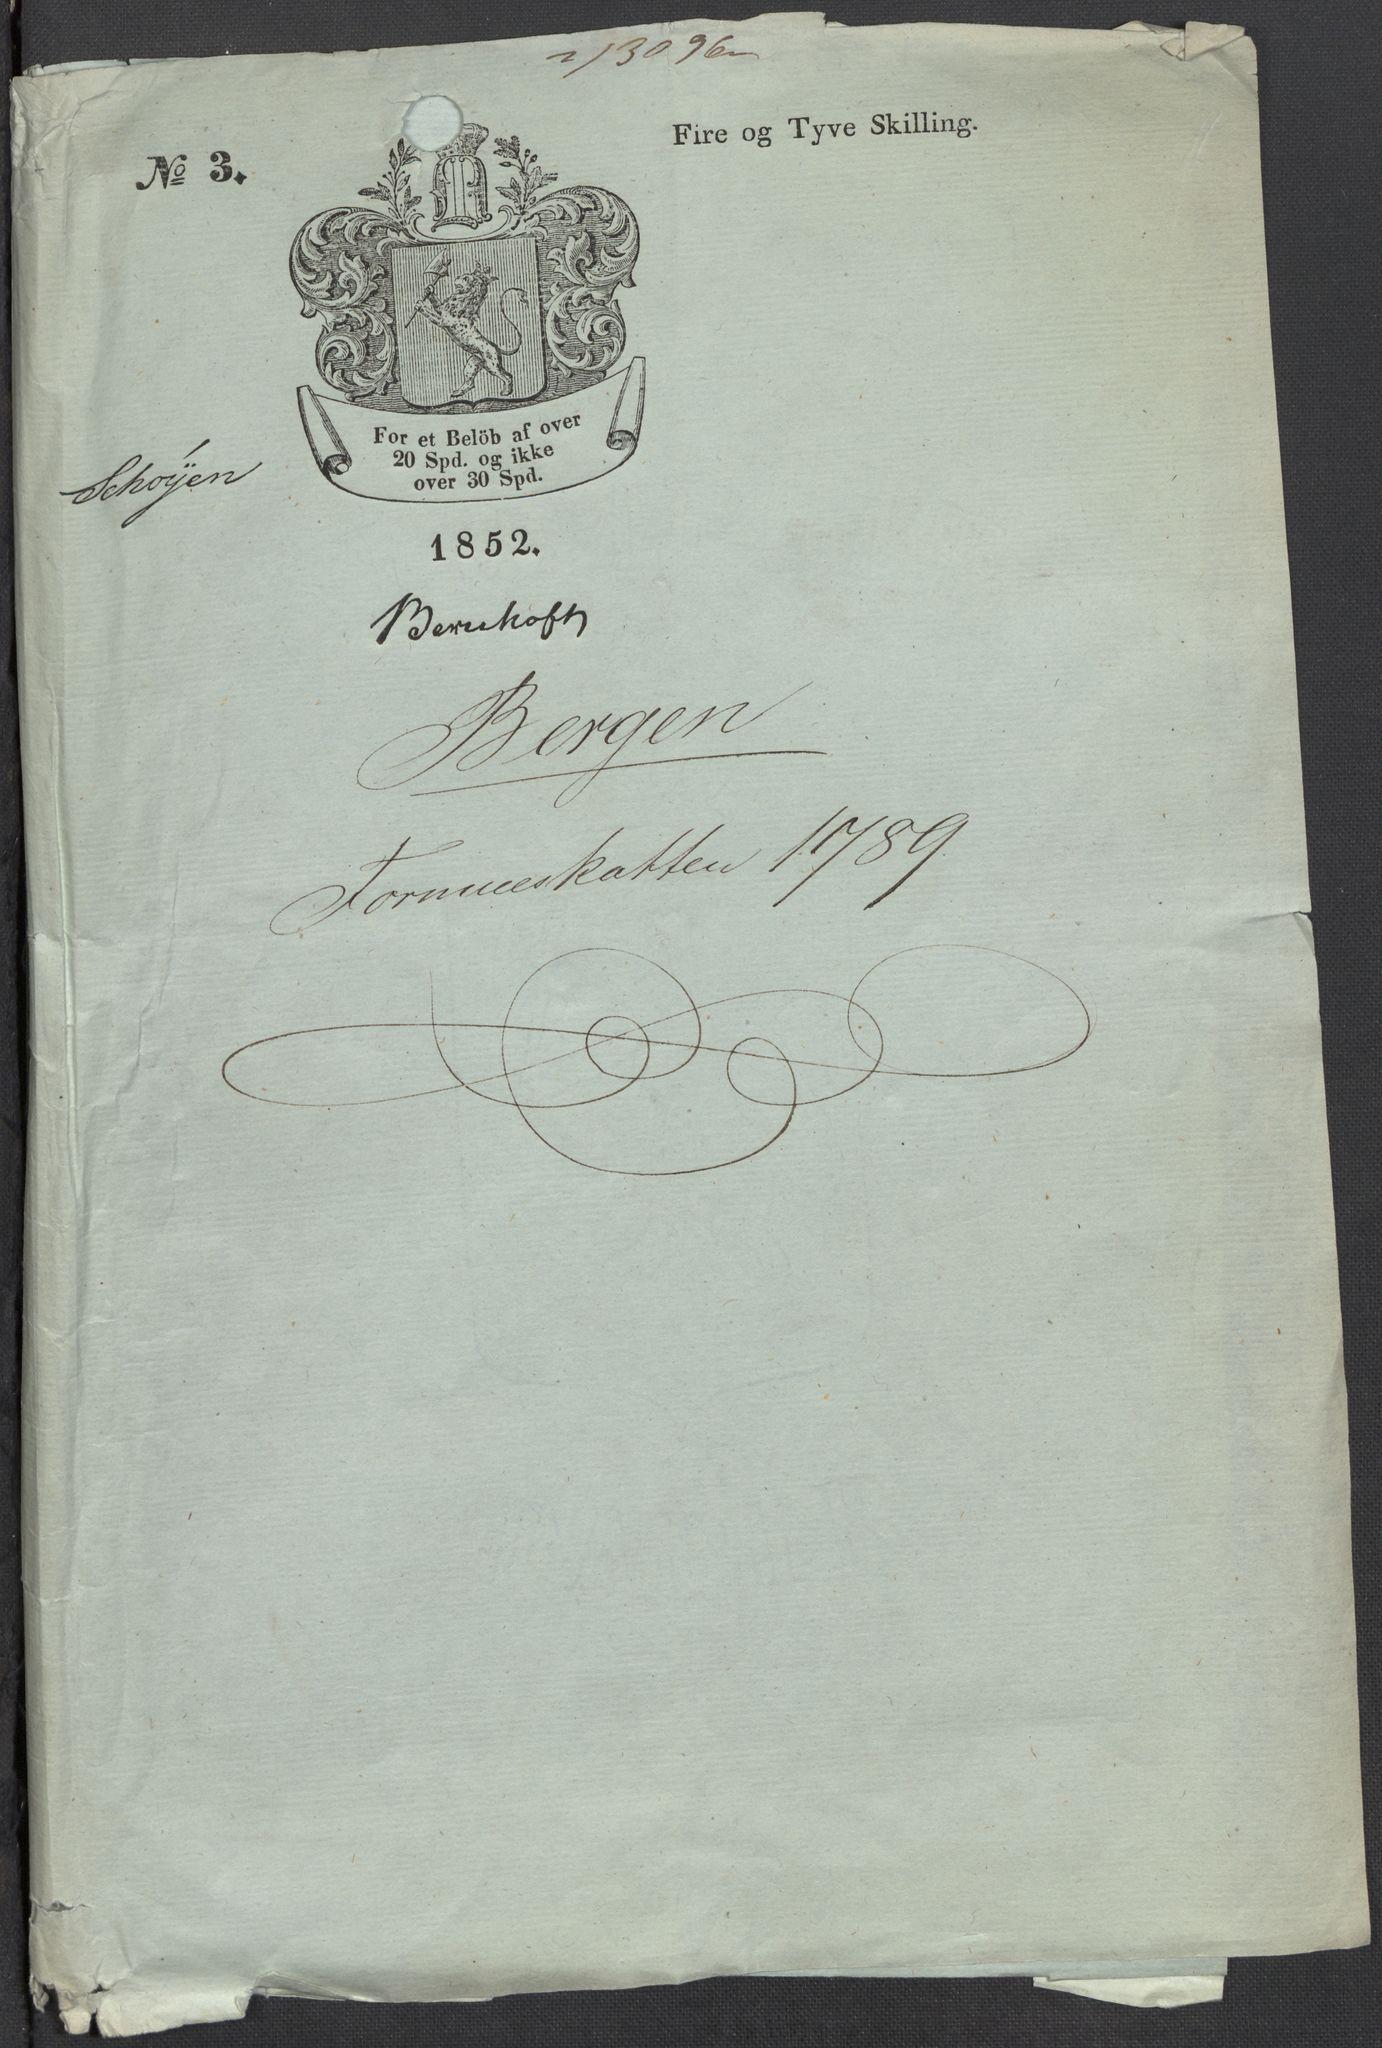 RA, Rentekammeret inntil 1814, Reviderte regnskaper, Mindre regnskaper, Rf/Rfe/L0002: Arendal. Bergen, 1789, s. 3